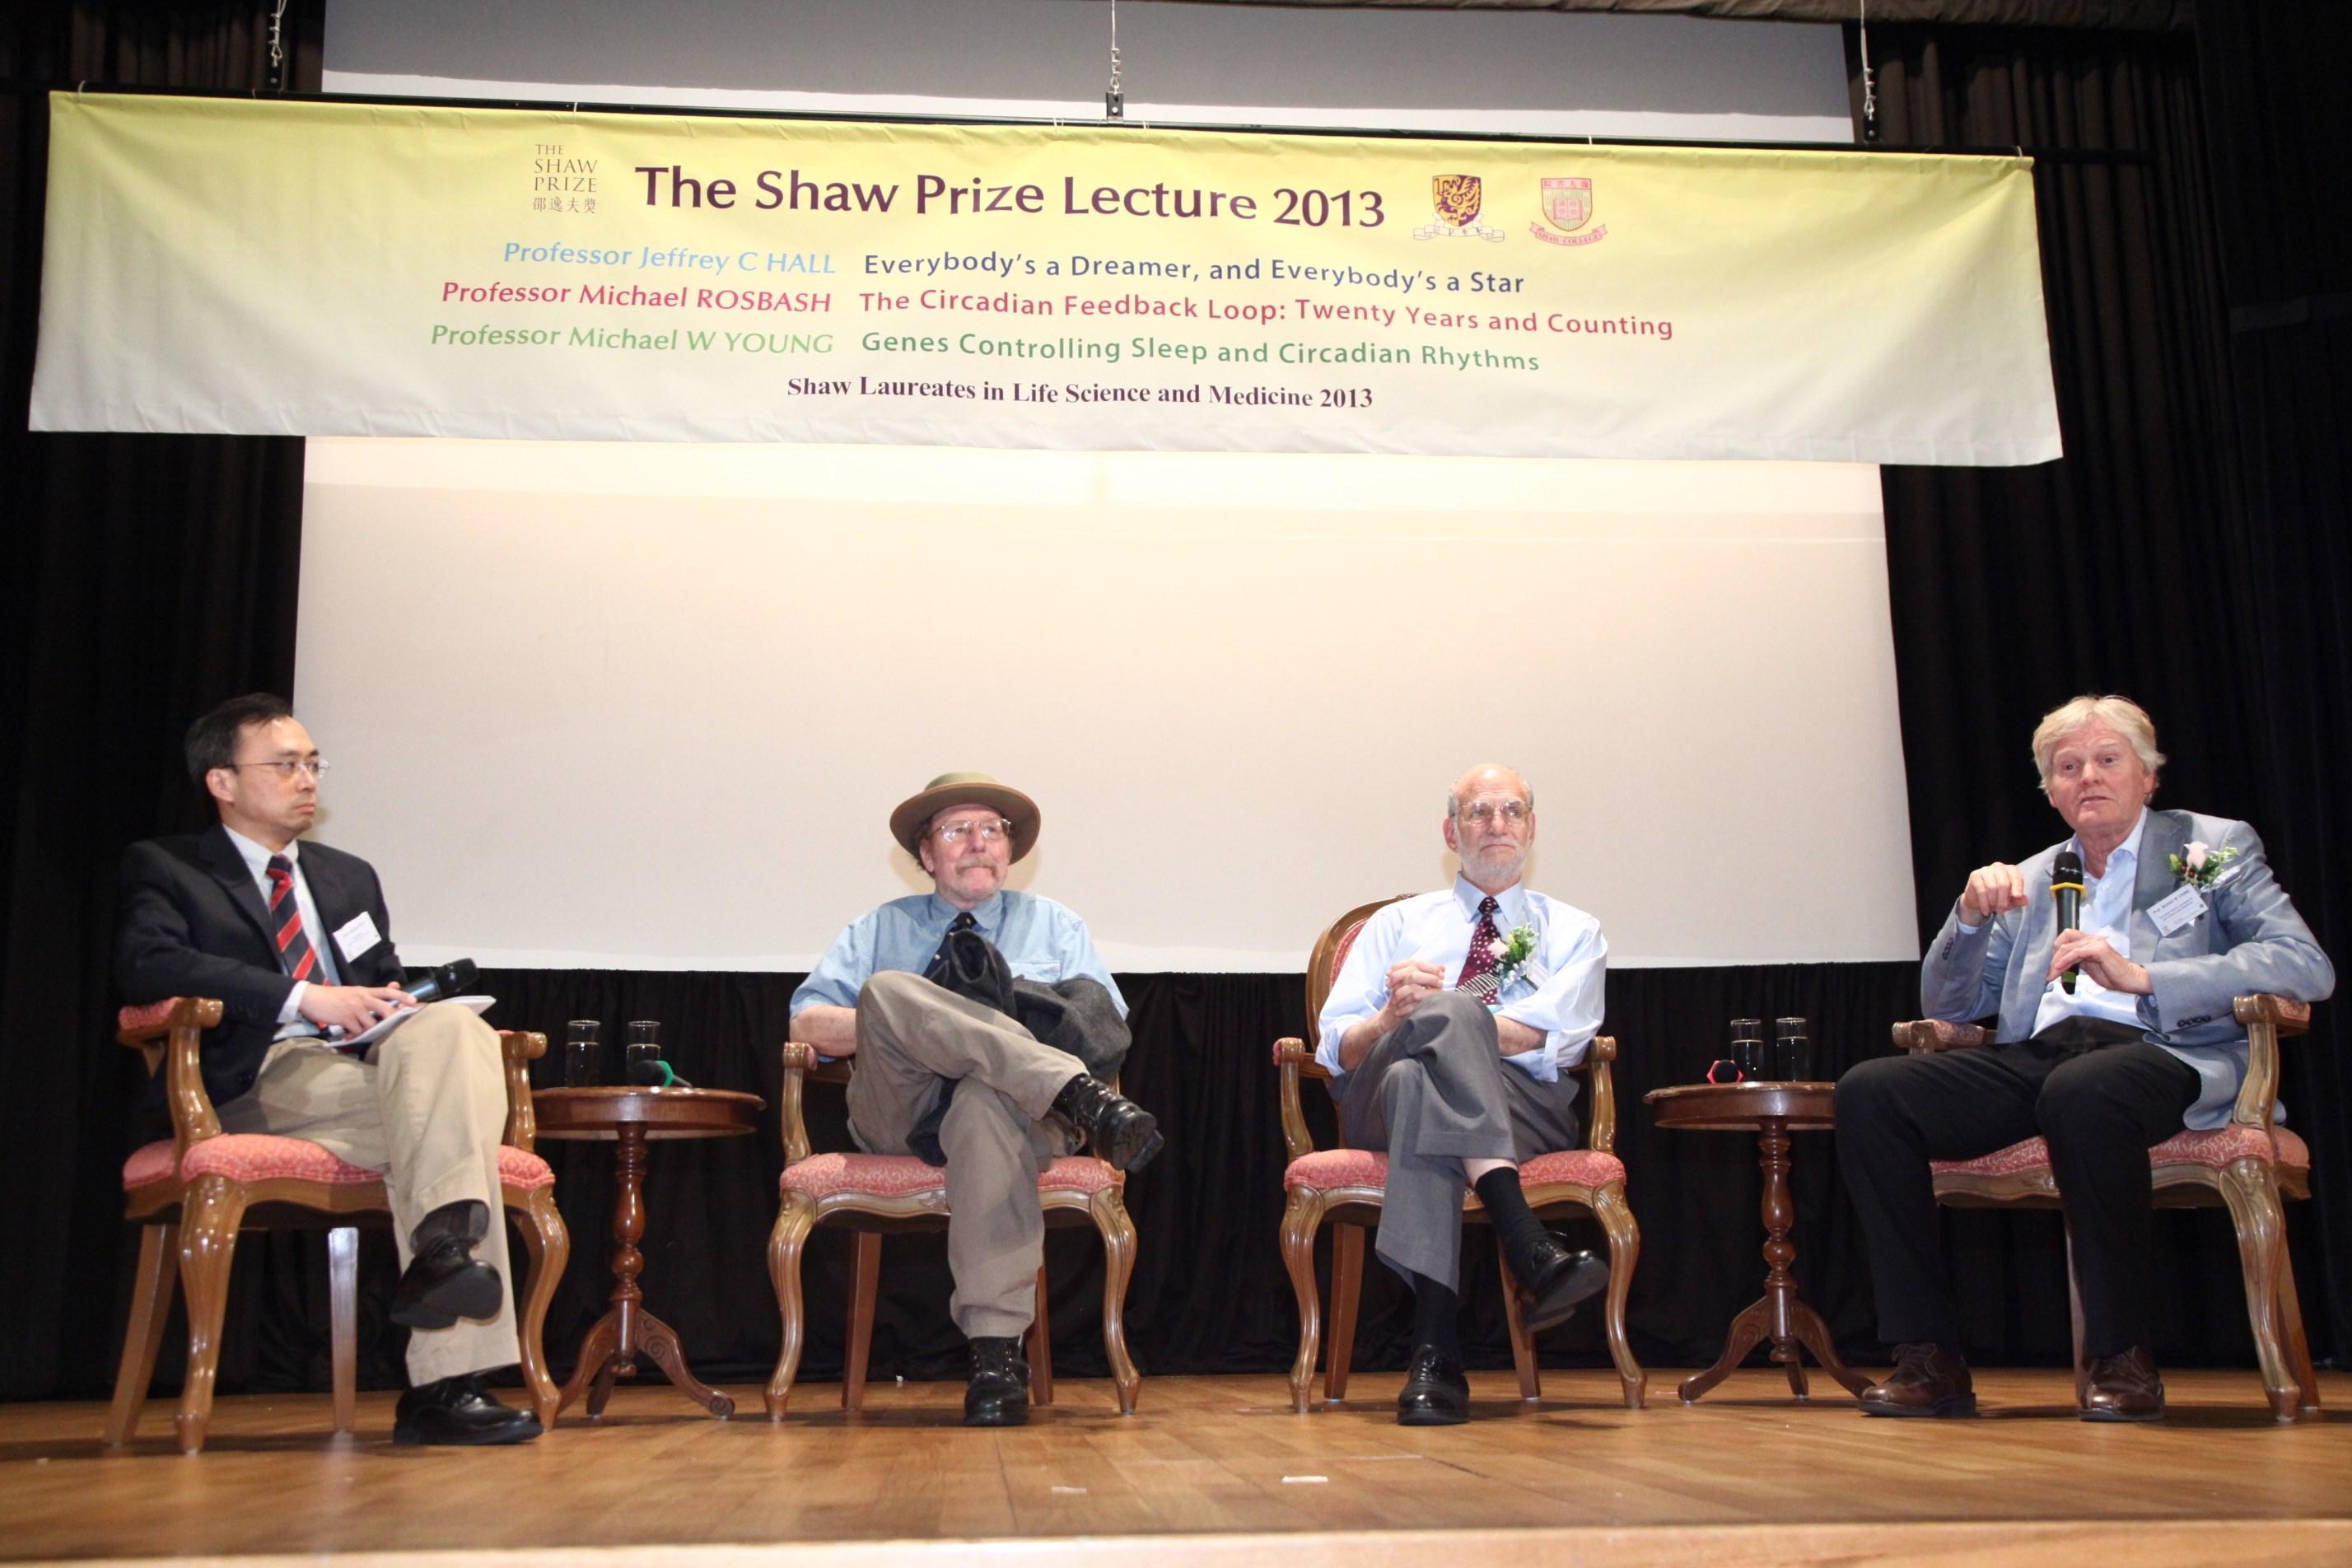 (左起)中大生物醫學學院陳文樂教授、2013年邵逸夫生命科學與醫學獎得主傑弗理•霍爾教授、邁克爾•羅斯巴殊教授及邁克爾•楊教授。